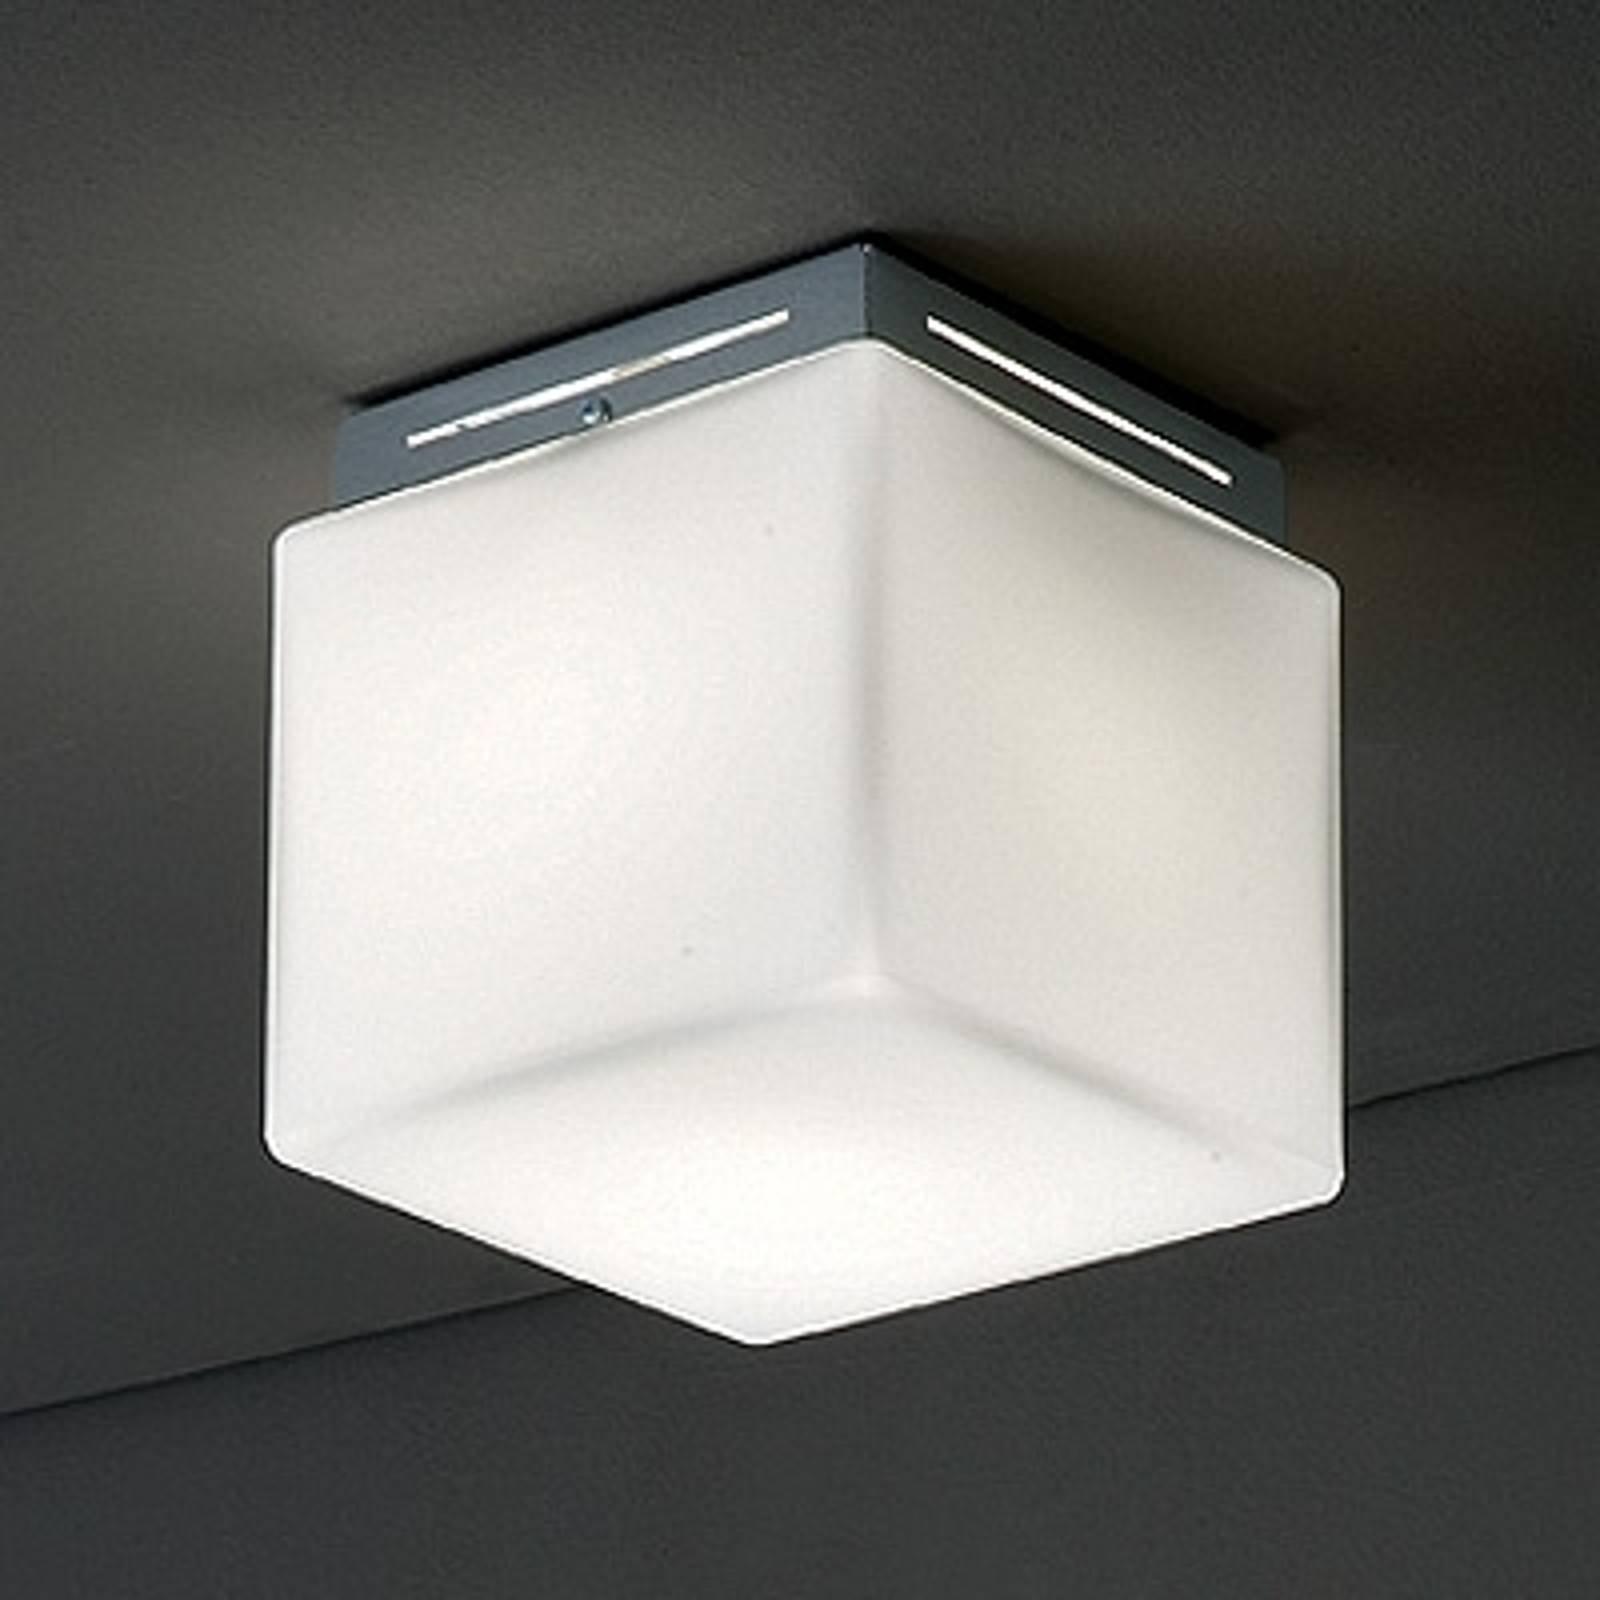 Cubis-kattovalaisin, kromi